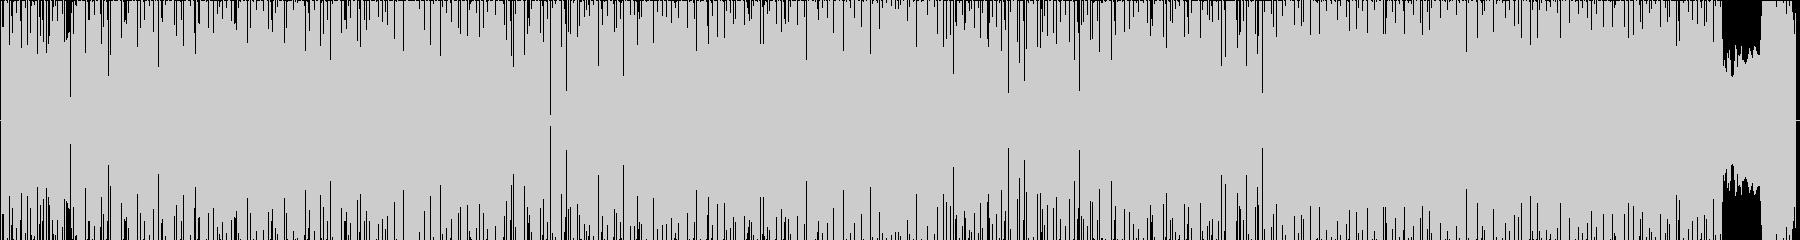 疾走感のあるヒップホップトラックの未再生の波形